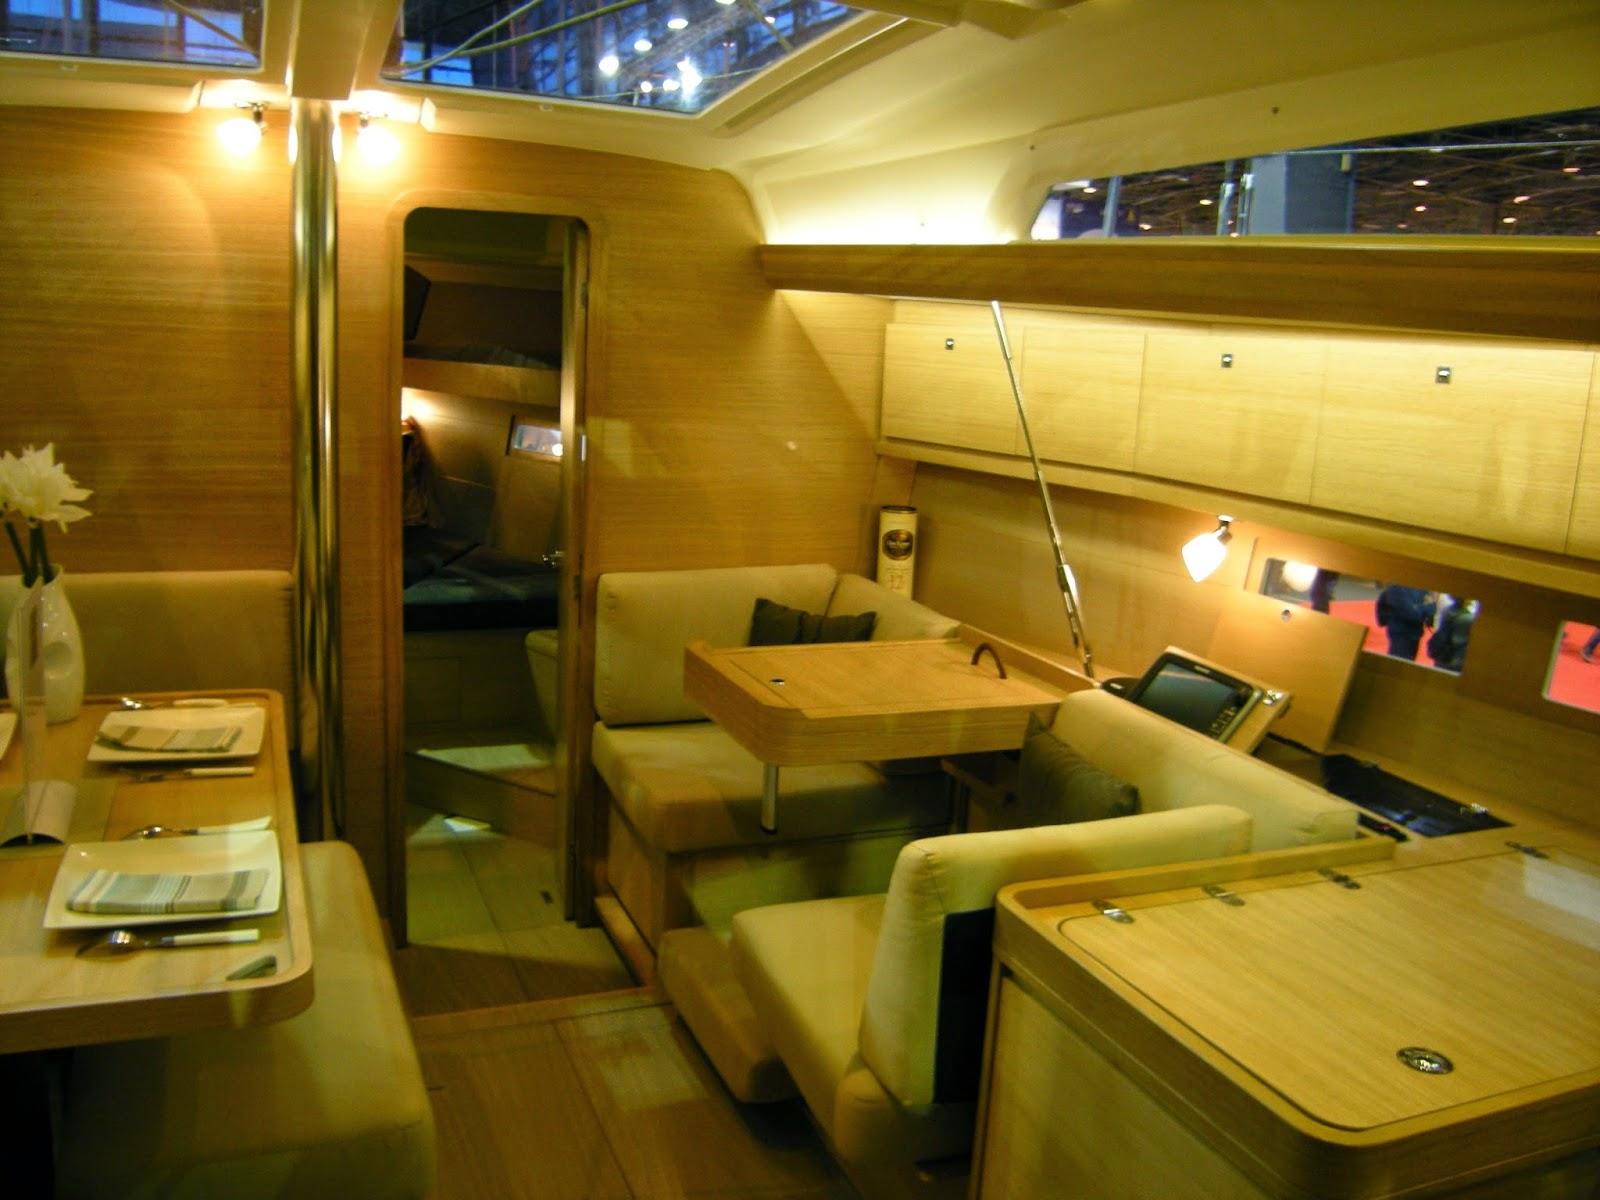 dufour 410 client m content un sillage port camargue. Black Bedroom Furniture Sets. Home Design Ideas